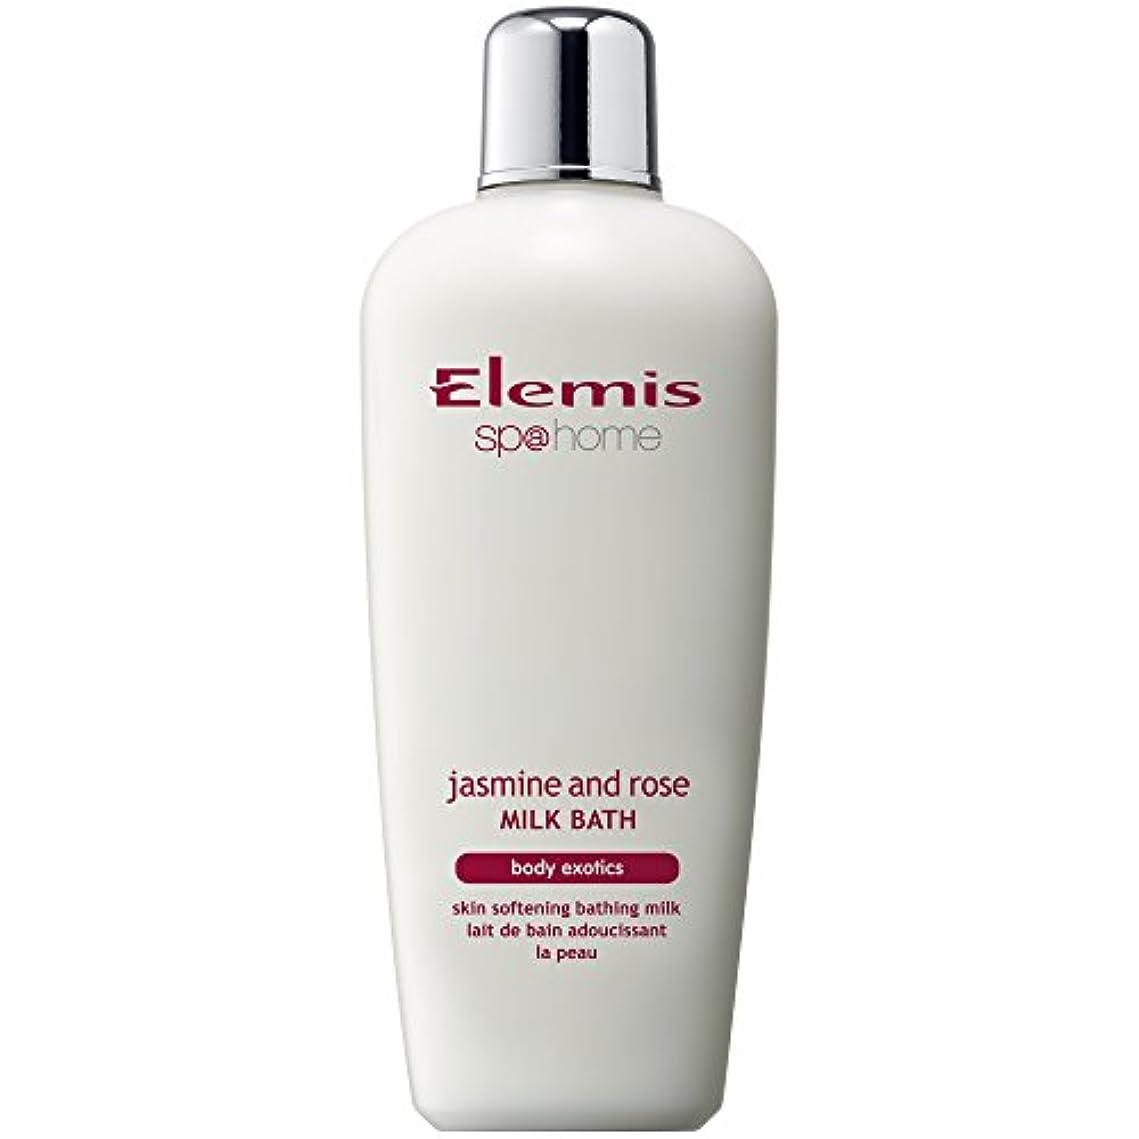 解釈する分散晩餐エレミスのジャスミン、ローズミルクバスの400ミリリットル (Elemis) - Elemis Jasmine And Rose Milk Bath 400ml [並行輸入品]